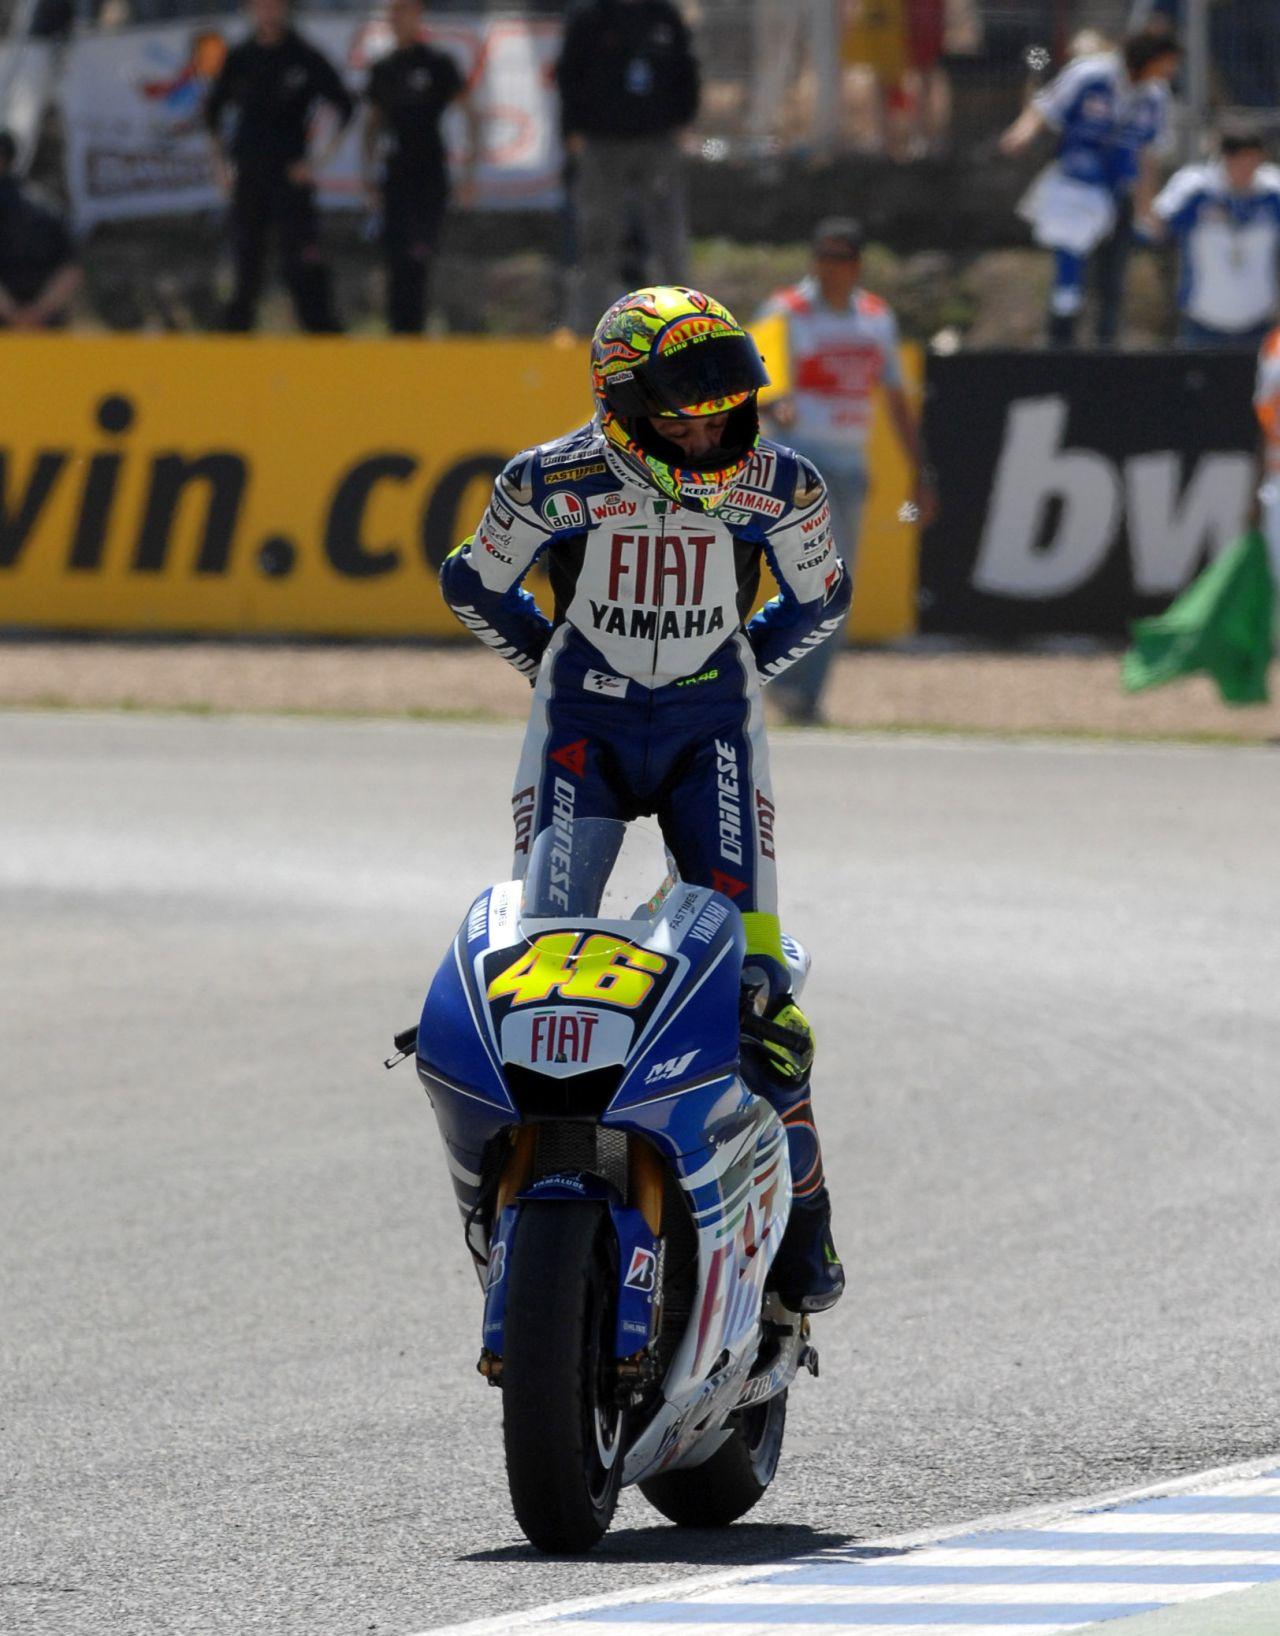 Iwanbanarancom  All About Motorcycles  Kenapa Valentino